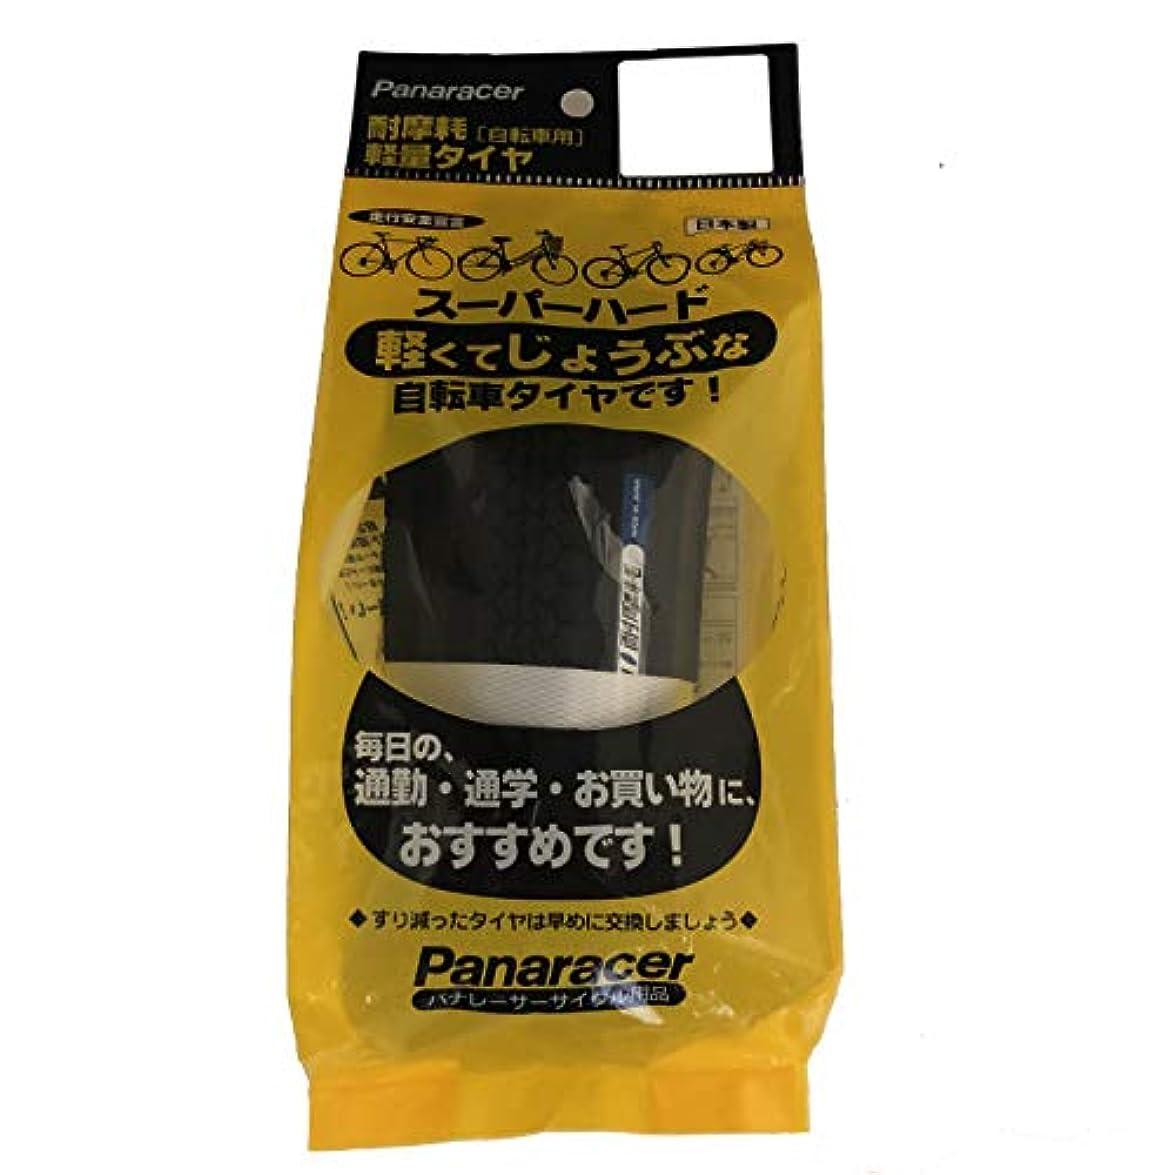 敬りんごボットパナレーサー(Panaracer) タイヤ スーパーハードオリタタミ サイズ:26×1-3/8 カラー:黒/黒 1本入 F26-83B-SH